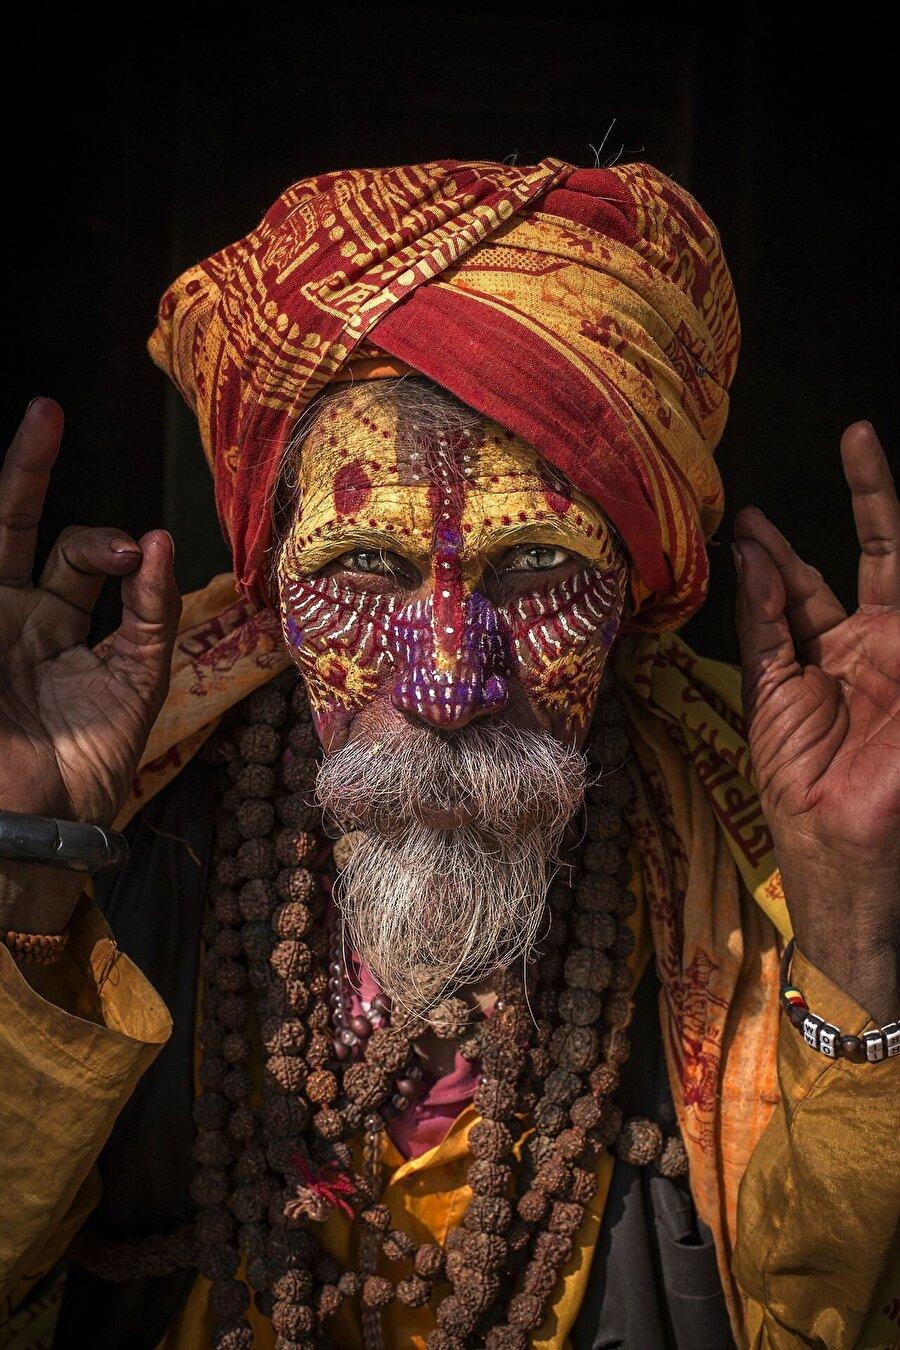 Hindistan'ın Sadhus kabilesini                                                                           Yok olma riskiyle karşı karşıya olan etnik grupları fotoğraflayan ve oldukça uzun bir süredir bu proje üzerinde çalışan Jimmy Nelson, çektiği fotoğrafları kendi internet sitesi üzerinden satışa sunuyor.